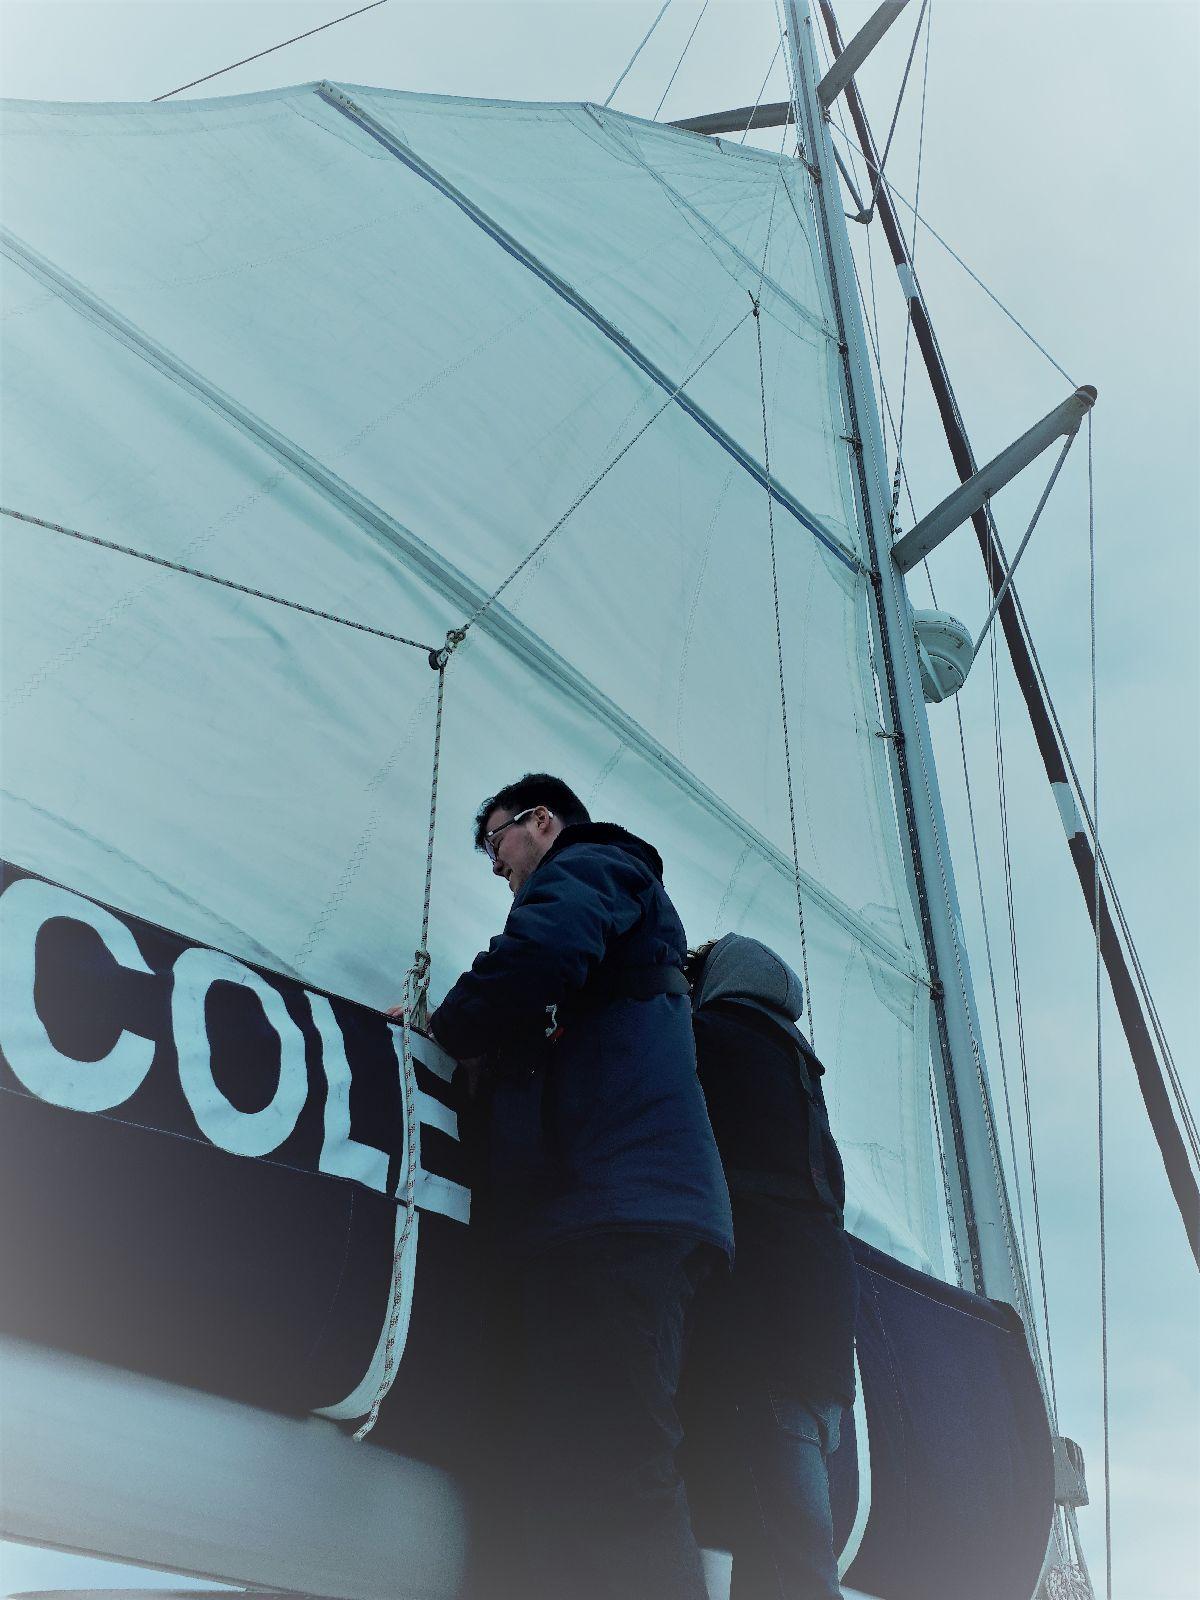 [ Marine à voile ] Catamaran Virginie Hériot voilier de l'Ecole Navale 29_et_10